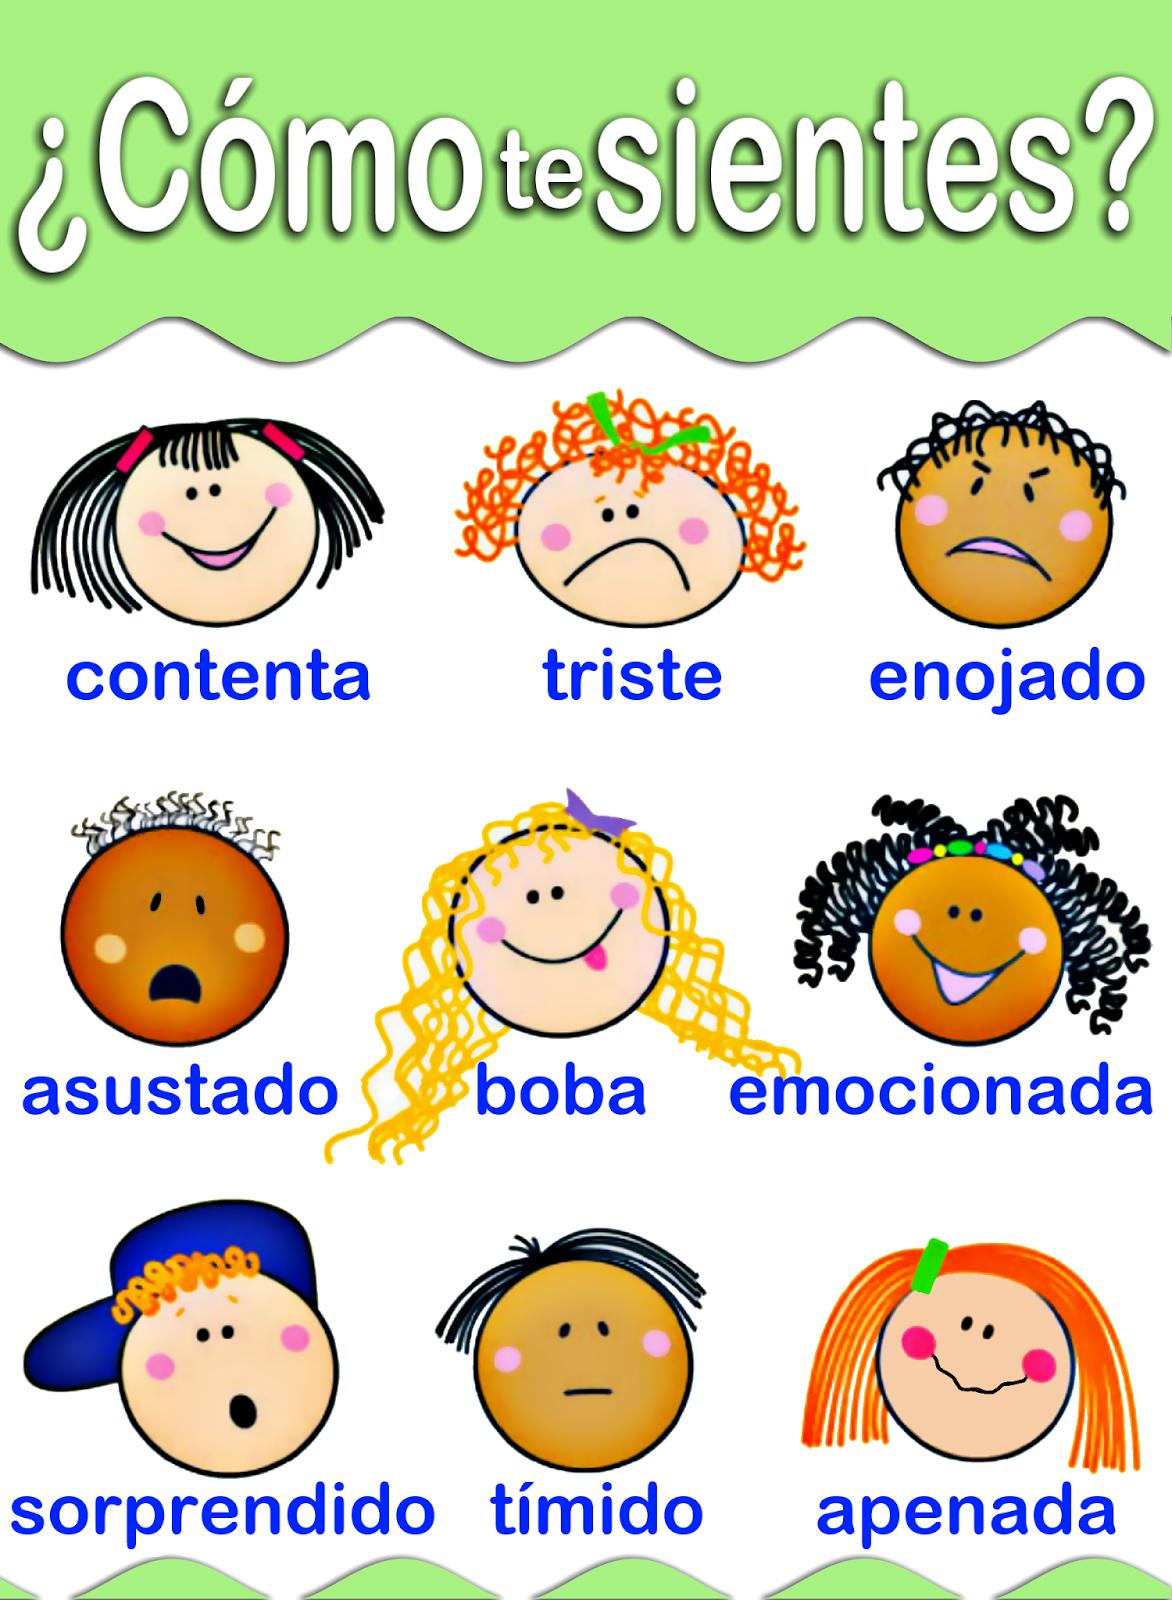 Me Encanta Escribir Es Un Sitio Para Que Mis Alumnos Puedan Aprender Y Revisar En Educacion Emocional Infantil Emociones Preescolares Las Emociones Para Ninos